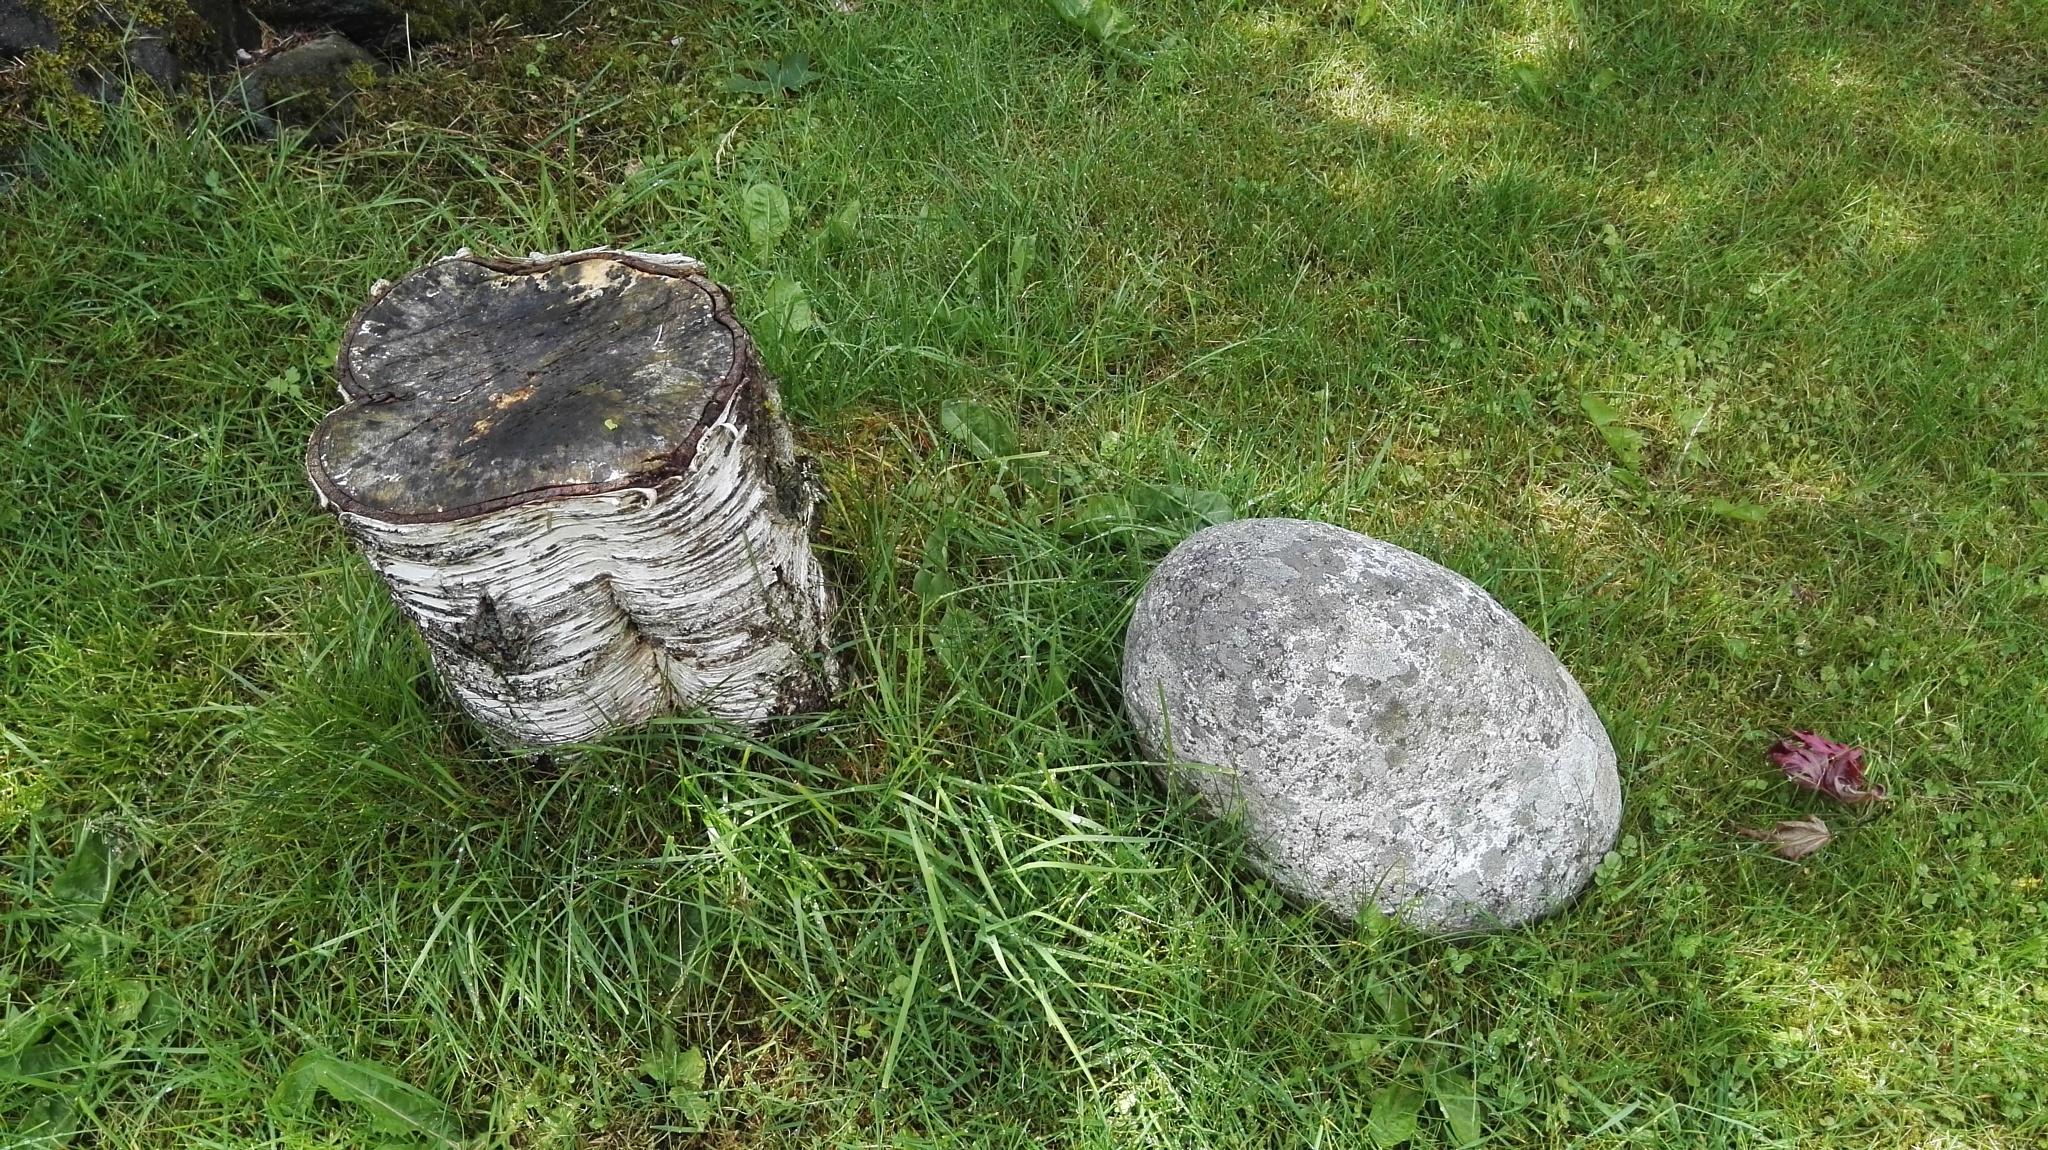 Stub and Stone by Lars-Toralf Utnes Storstrand